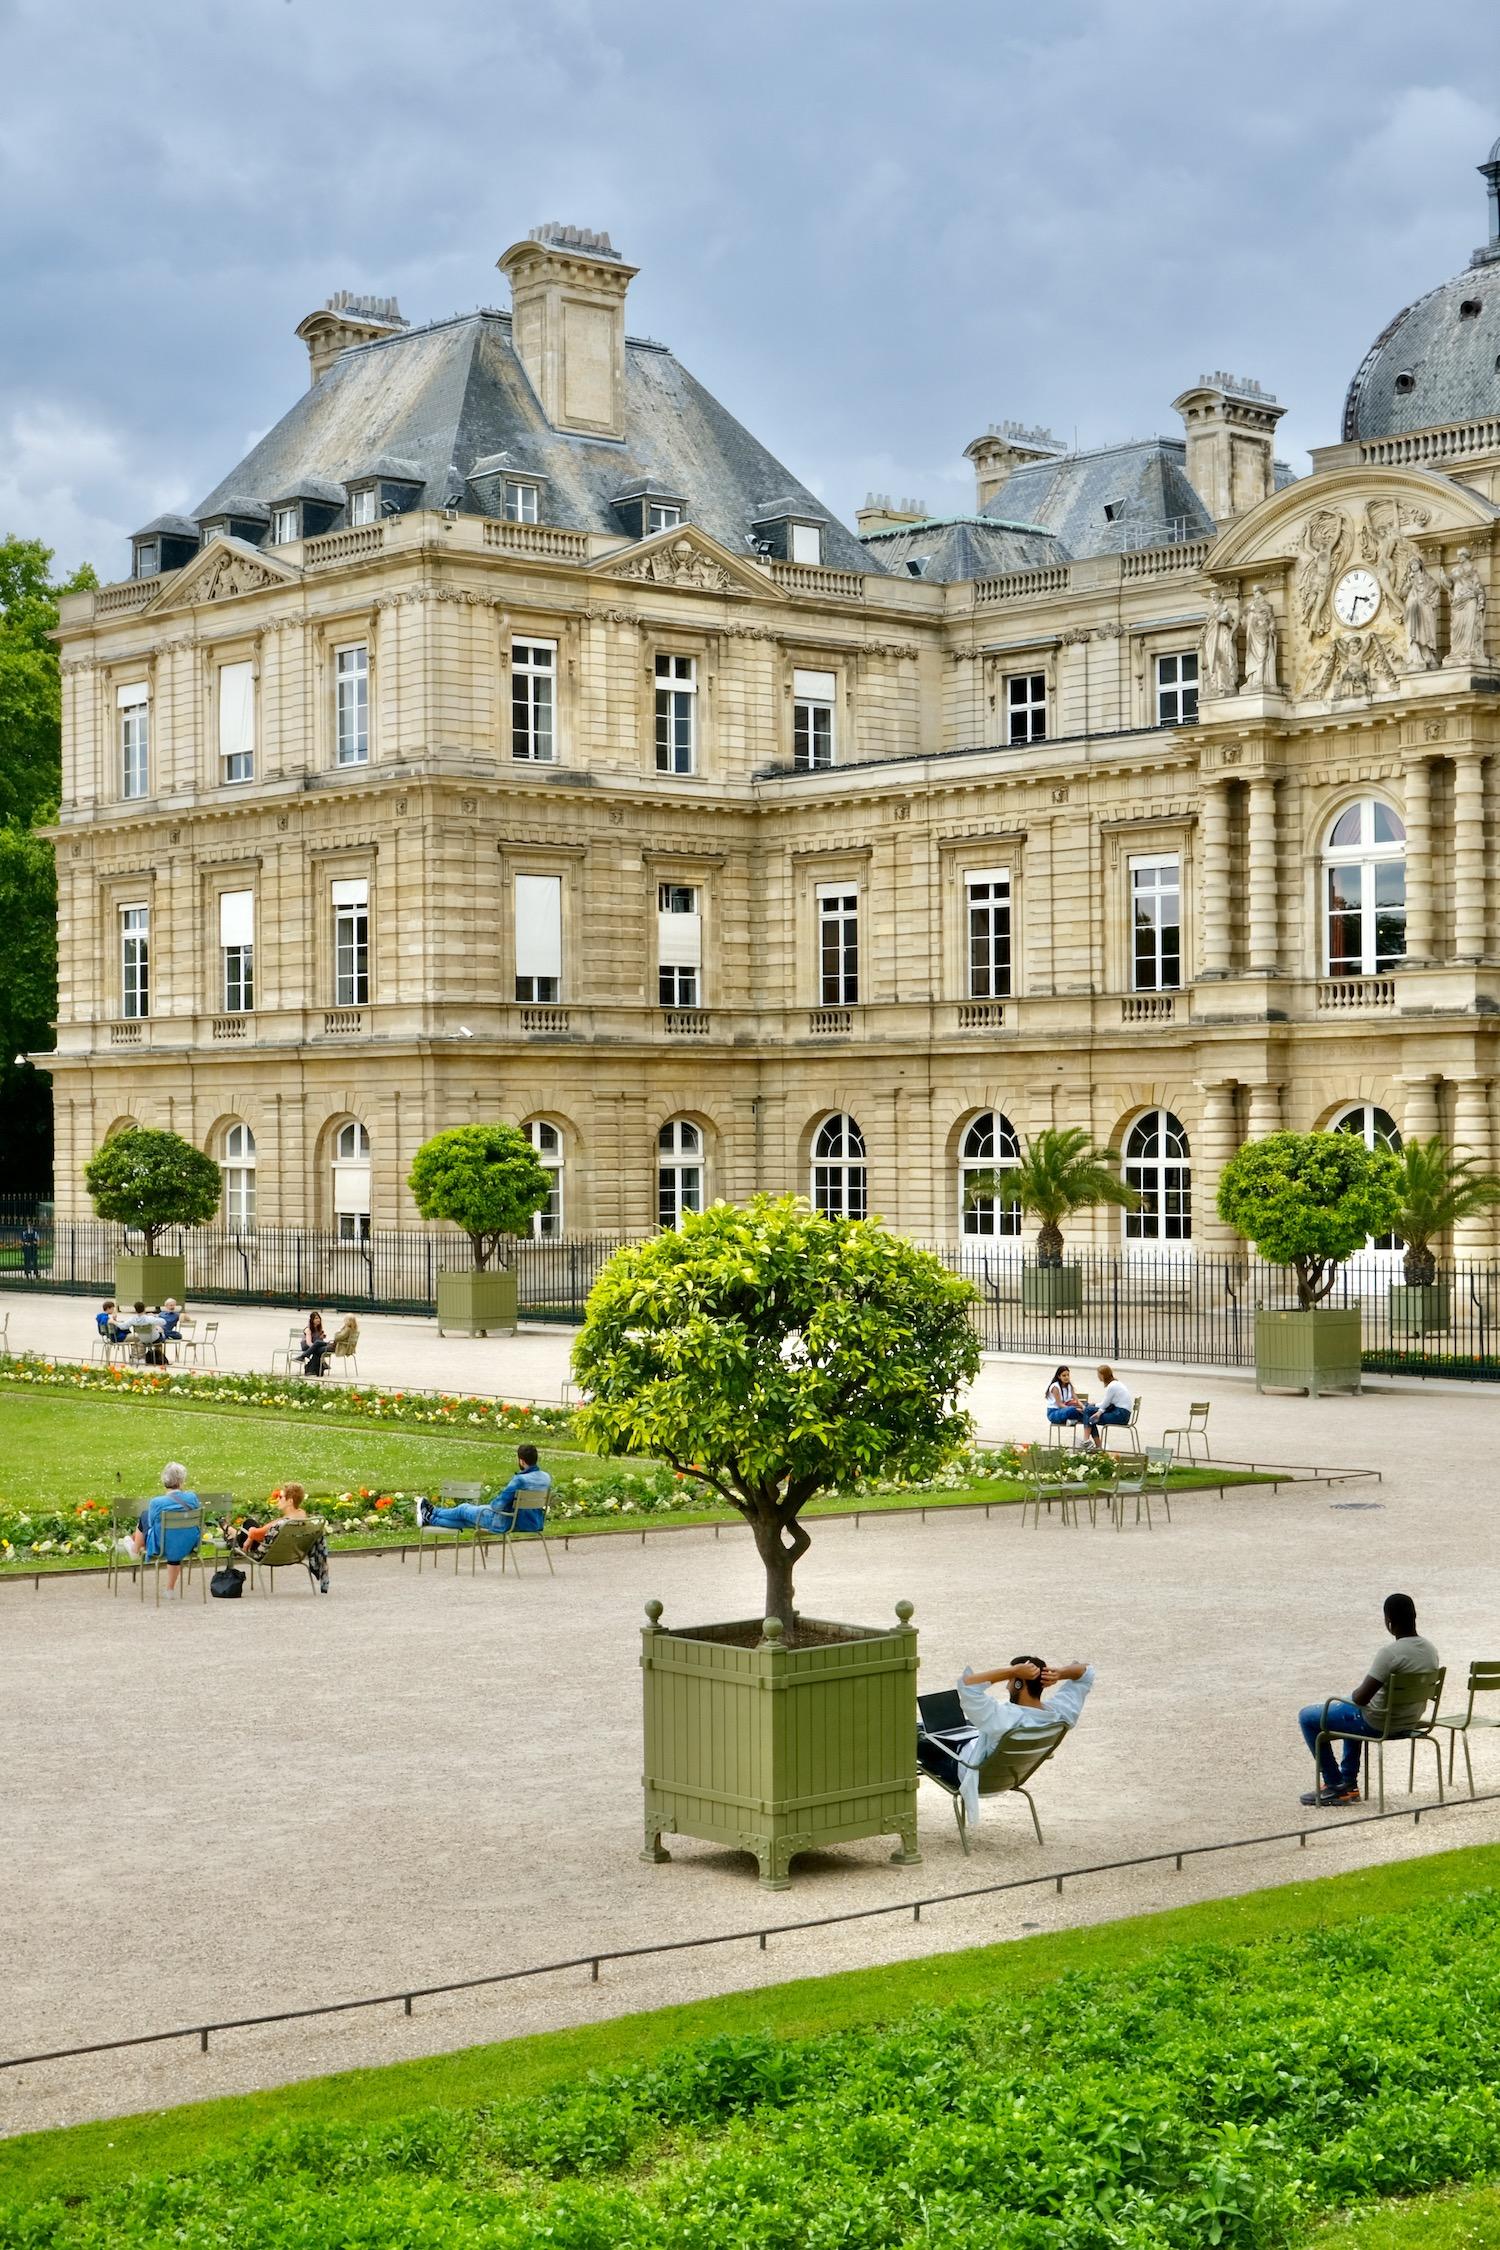 A walk through Jardin du Luxembourg